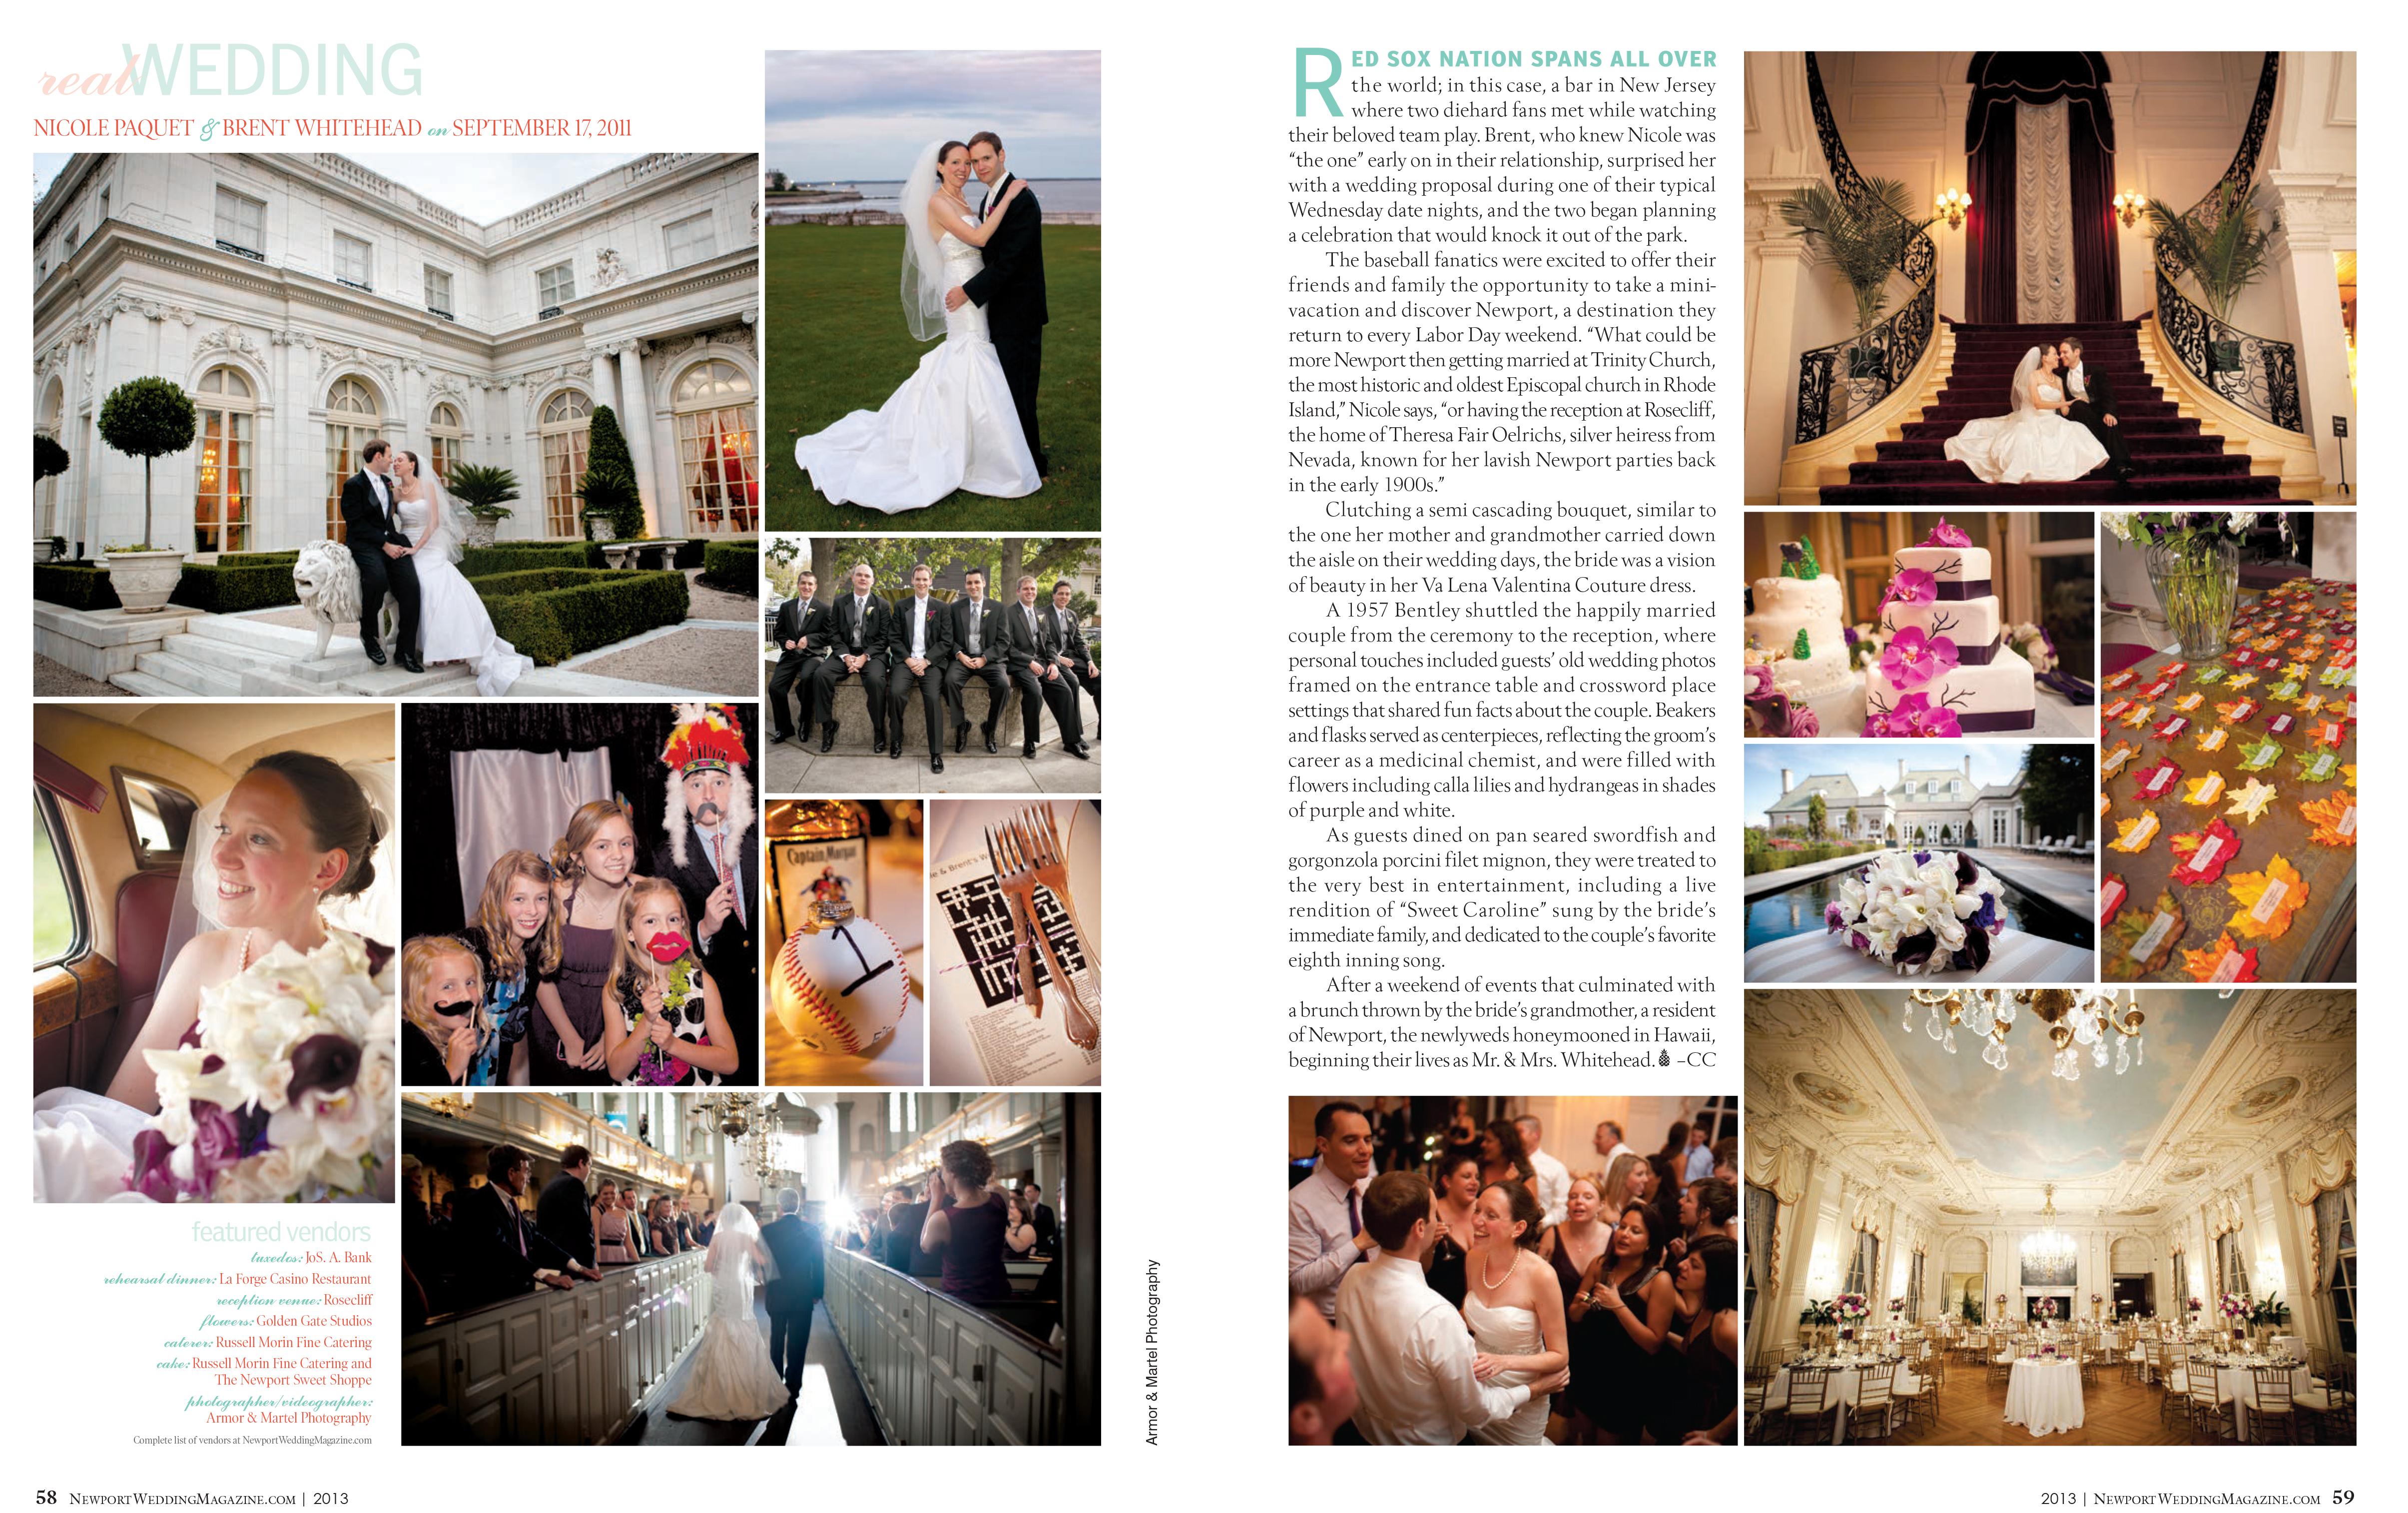 Rosecliff wedding published